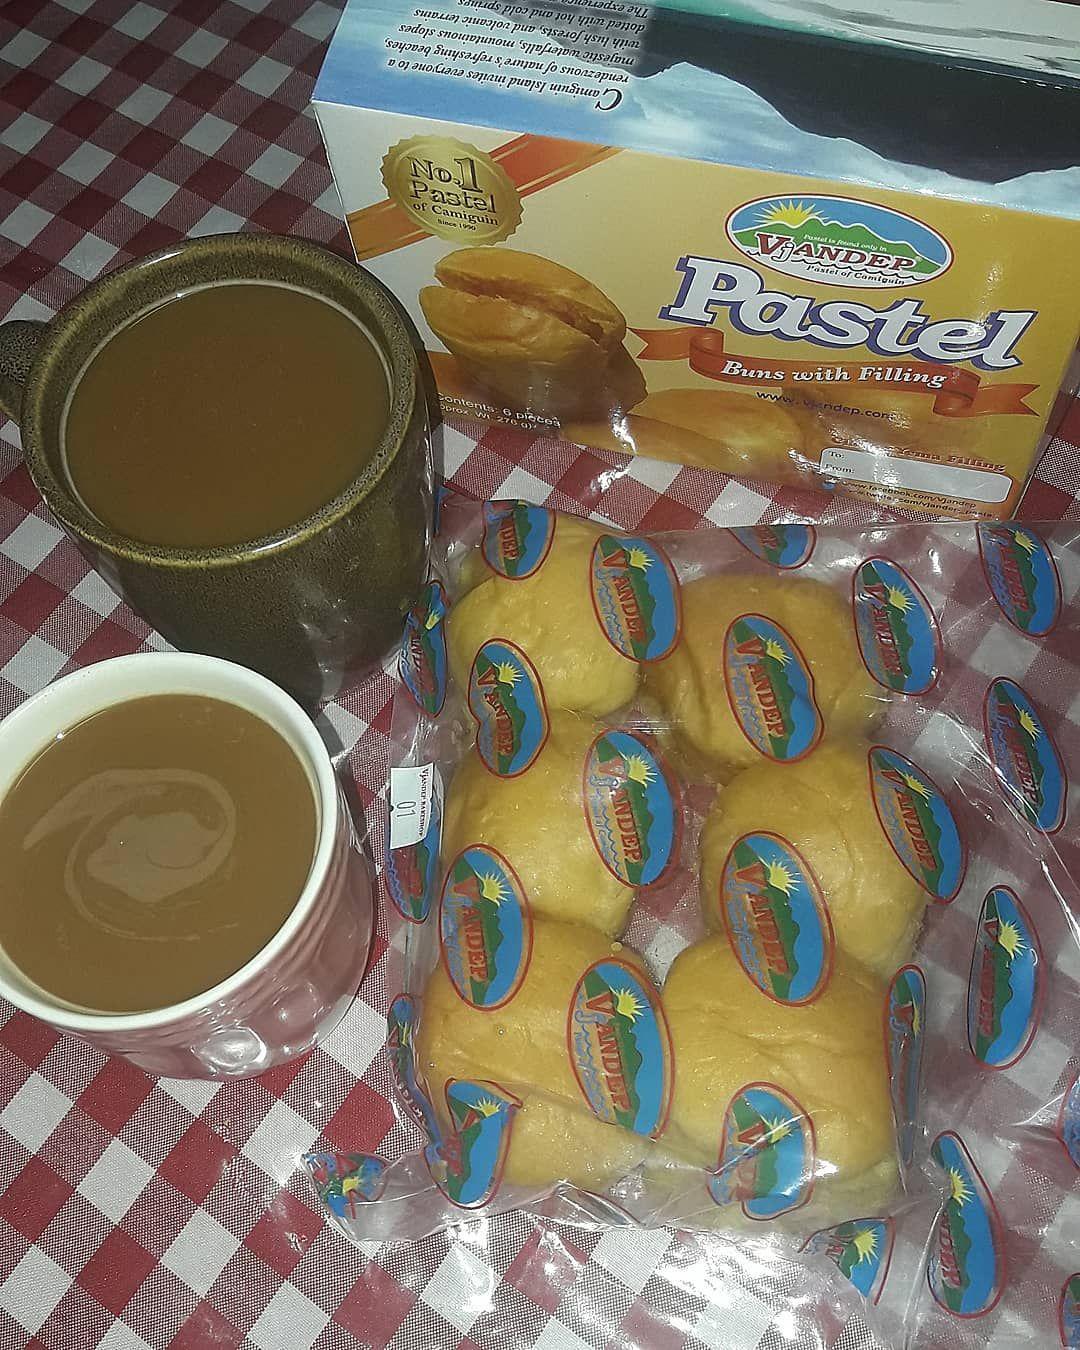 Coffee & Camiguin's pride